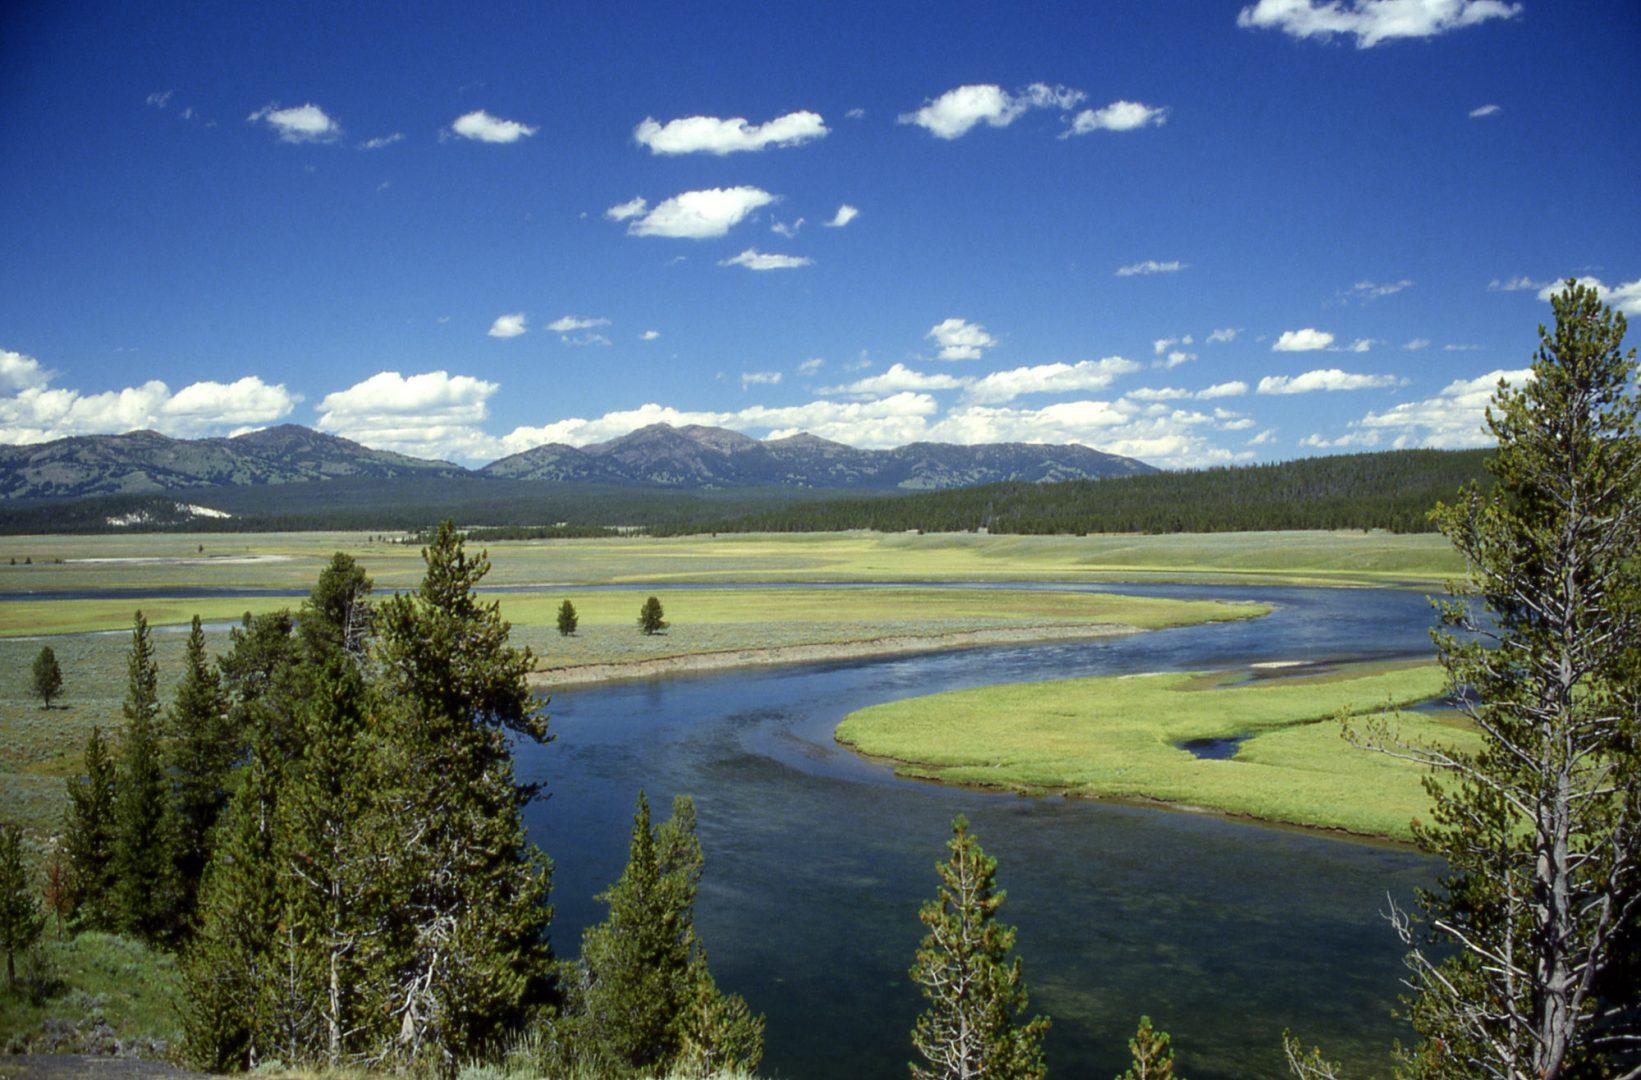 Yellowstone Caldera, Yellowstone, U.S.A.